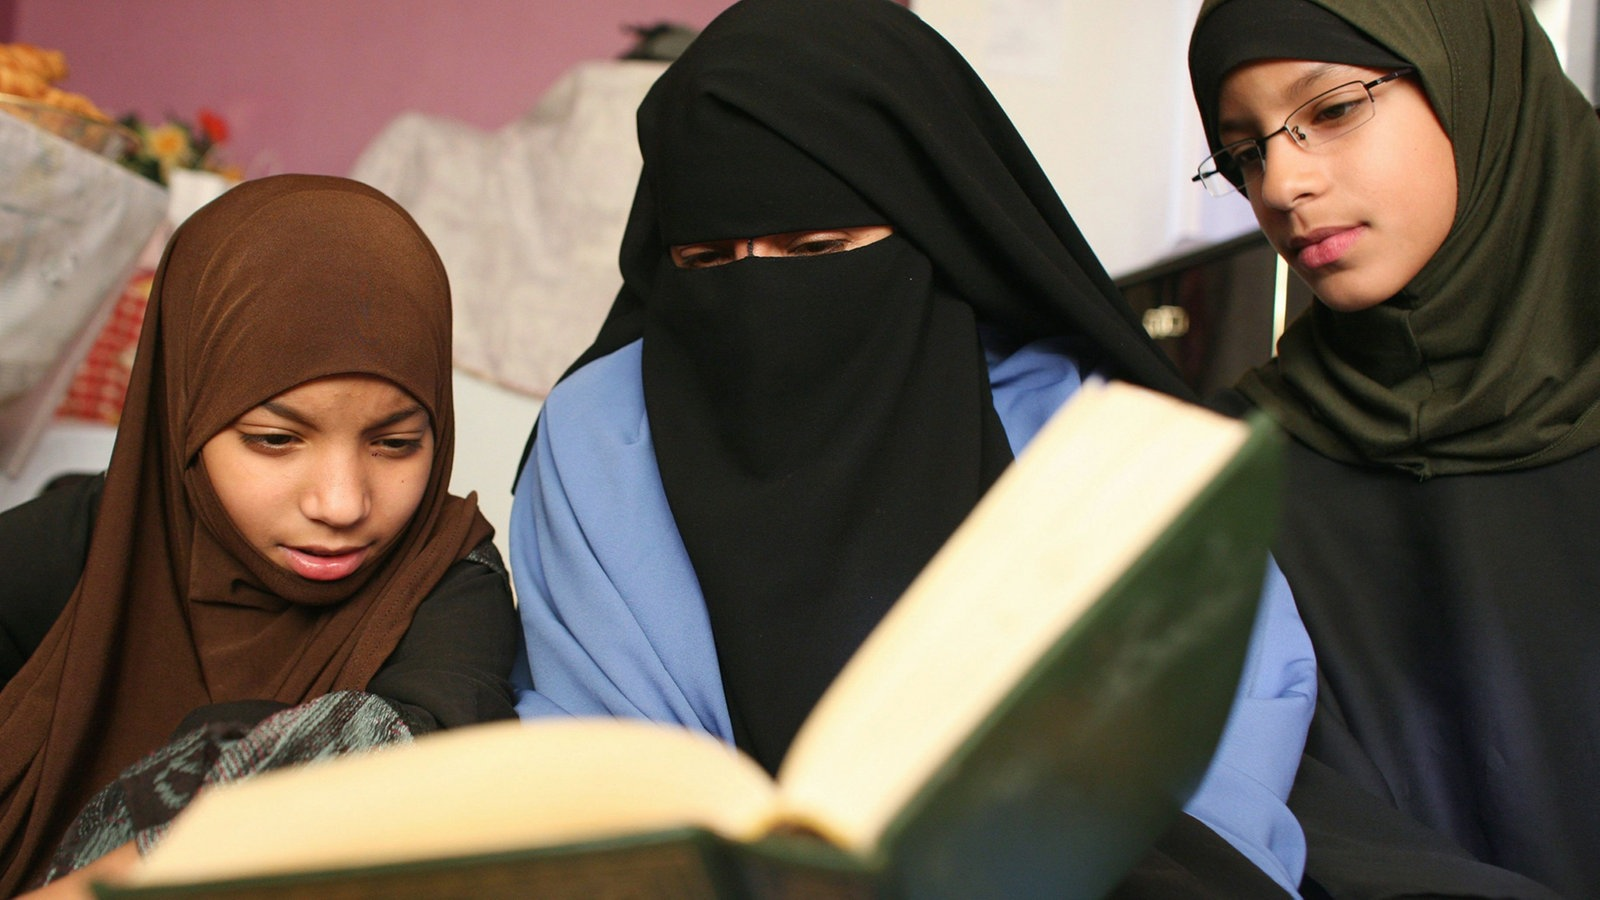 Mohammed Frauen